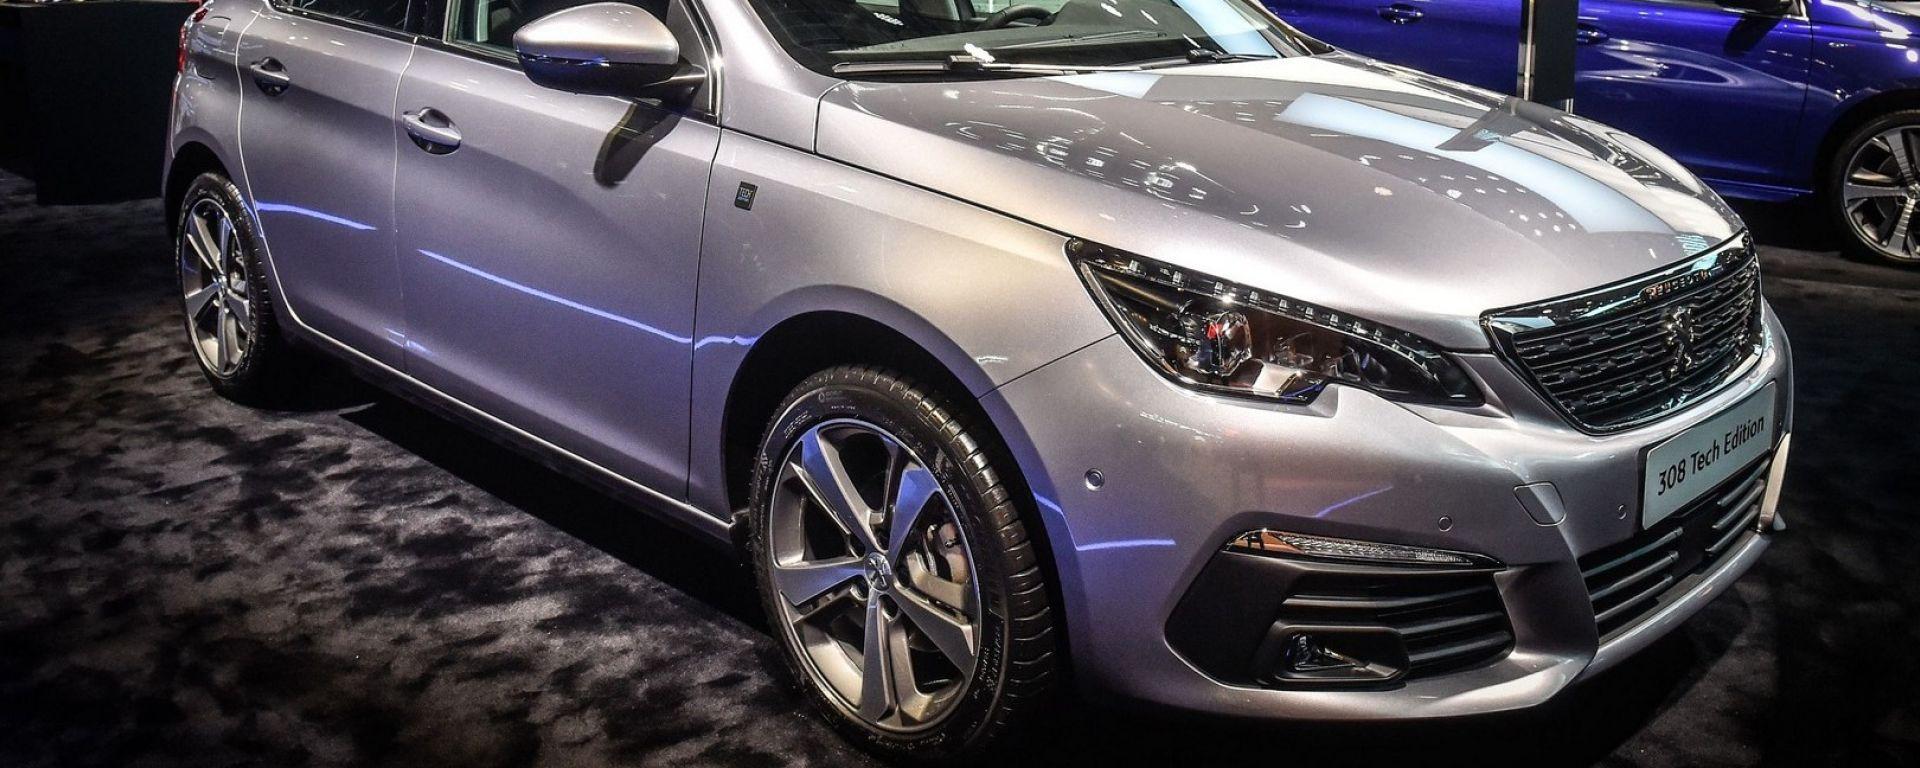 Peugeot 308 Tech Edition: spazio alla tecnologia di bordo!